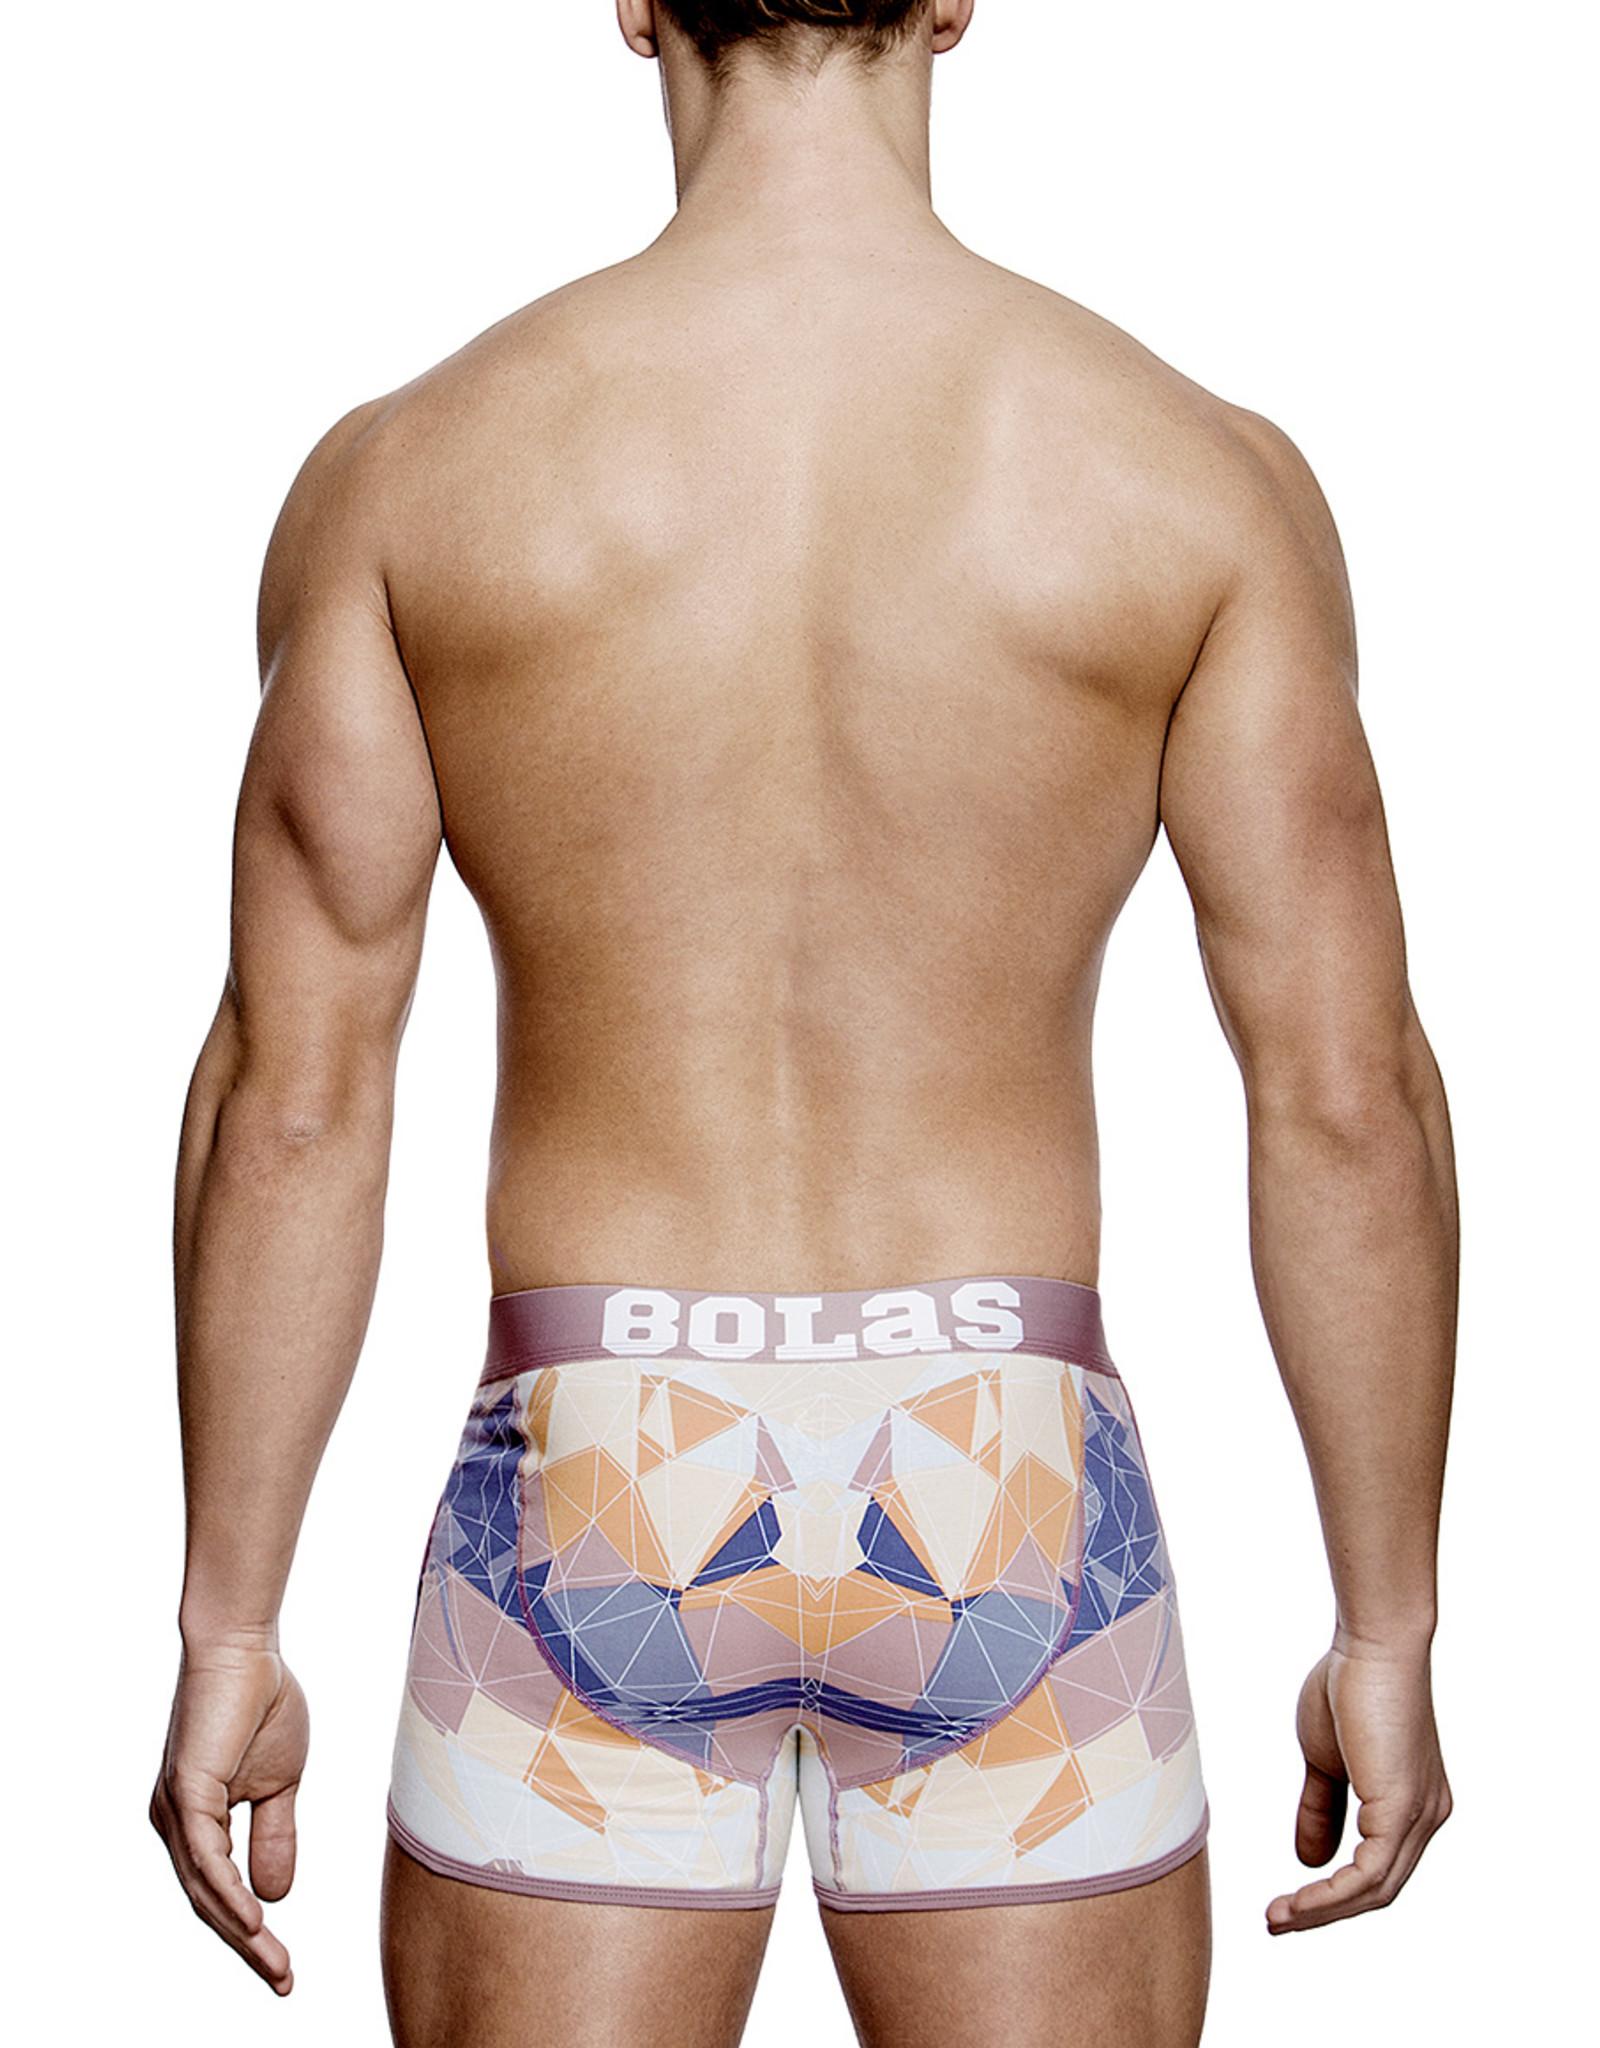 Bolas Underwear Bolas  Underwear Air